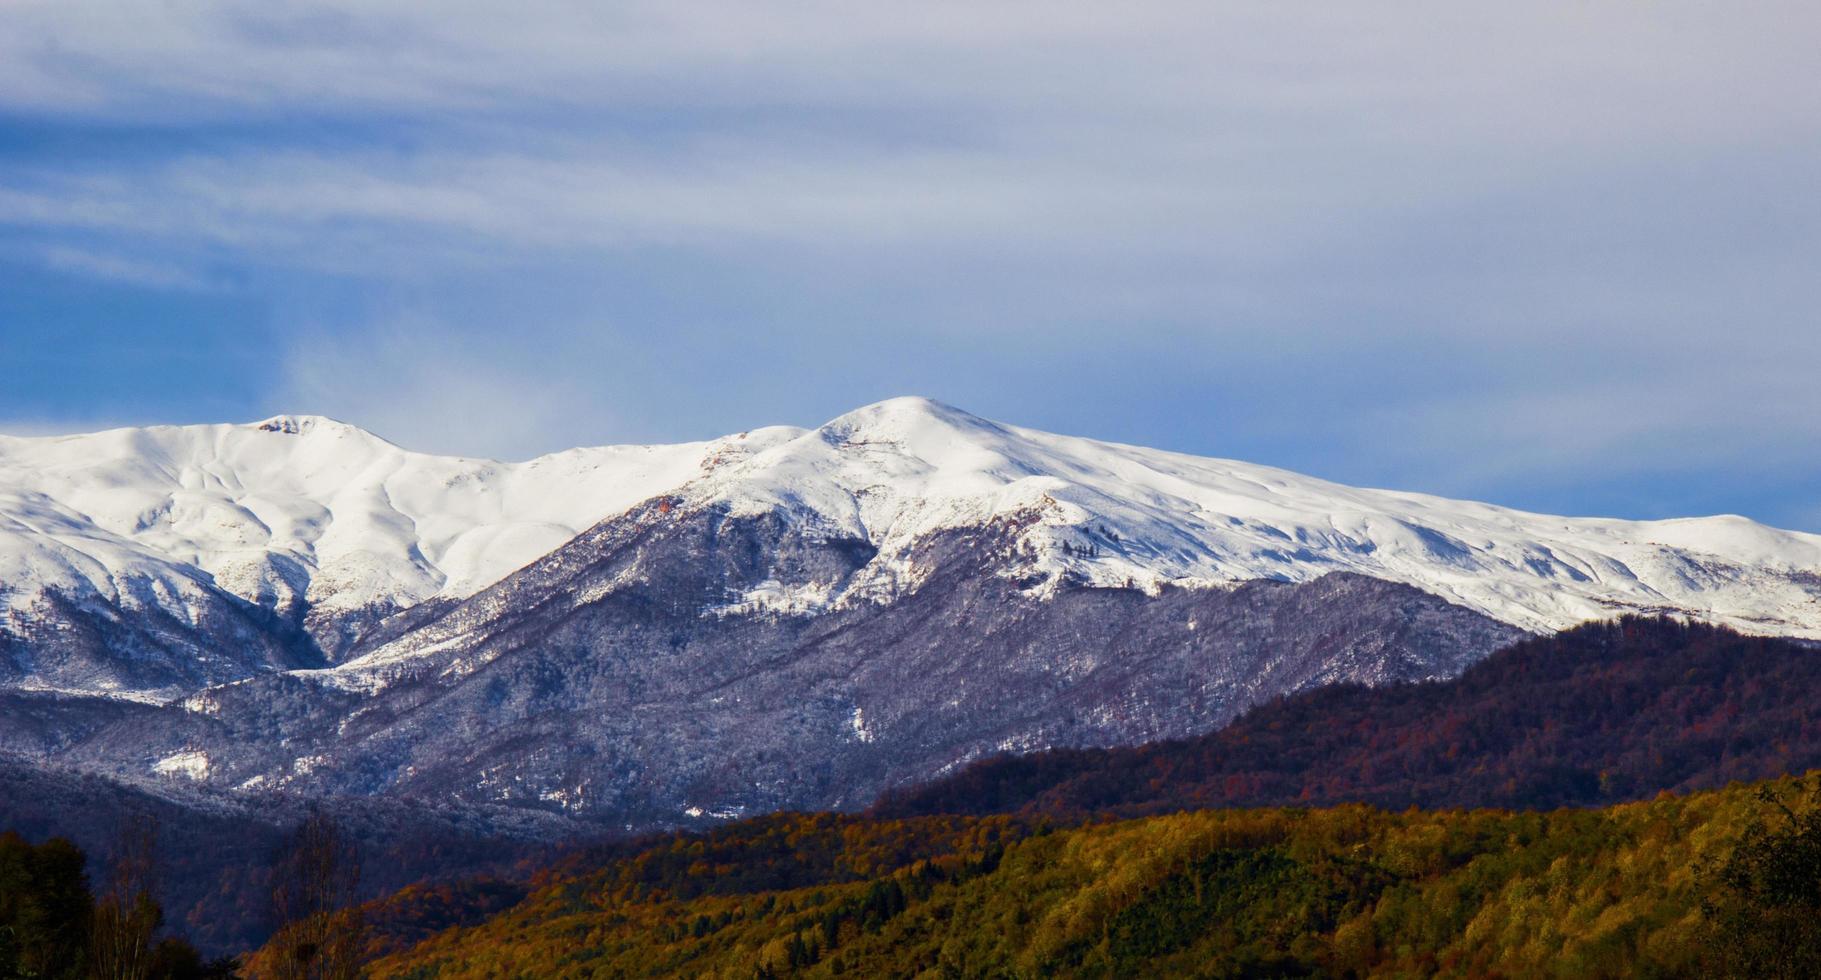 stagione invernale sulle cime delle montagne foto